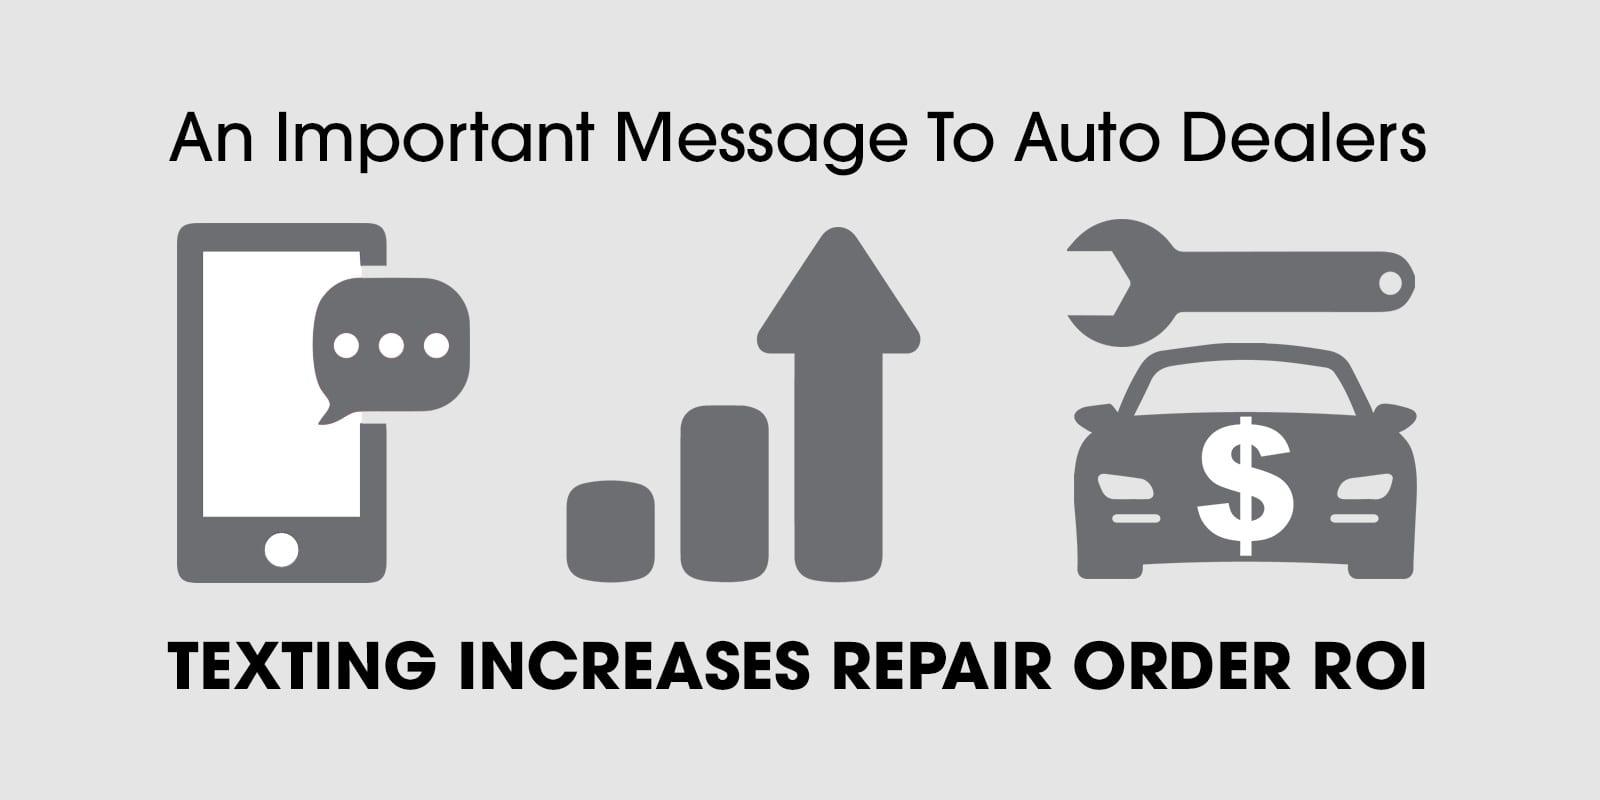 dealership texting increases repair order ROI